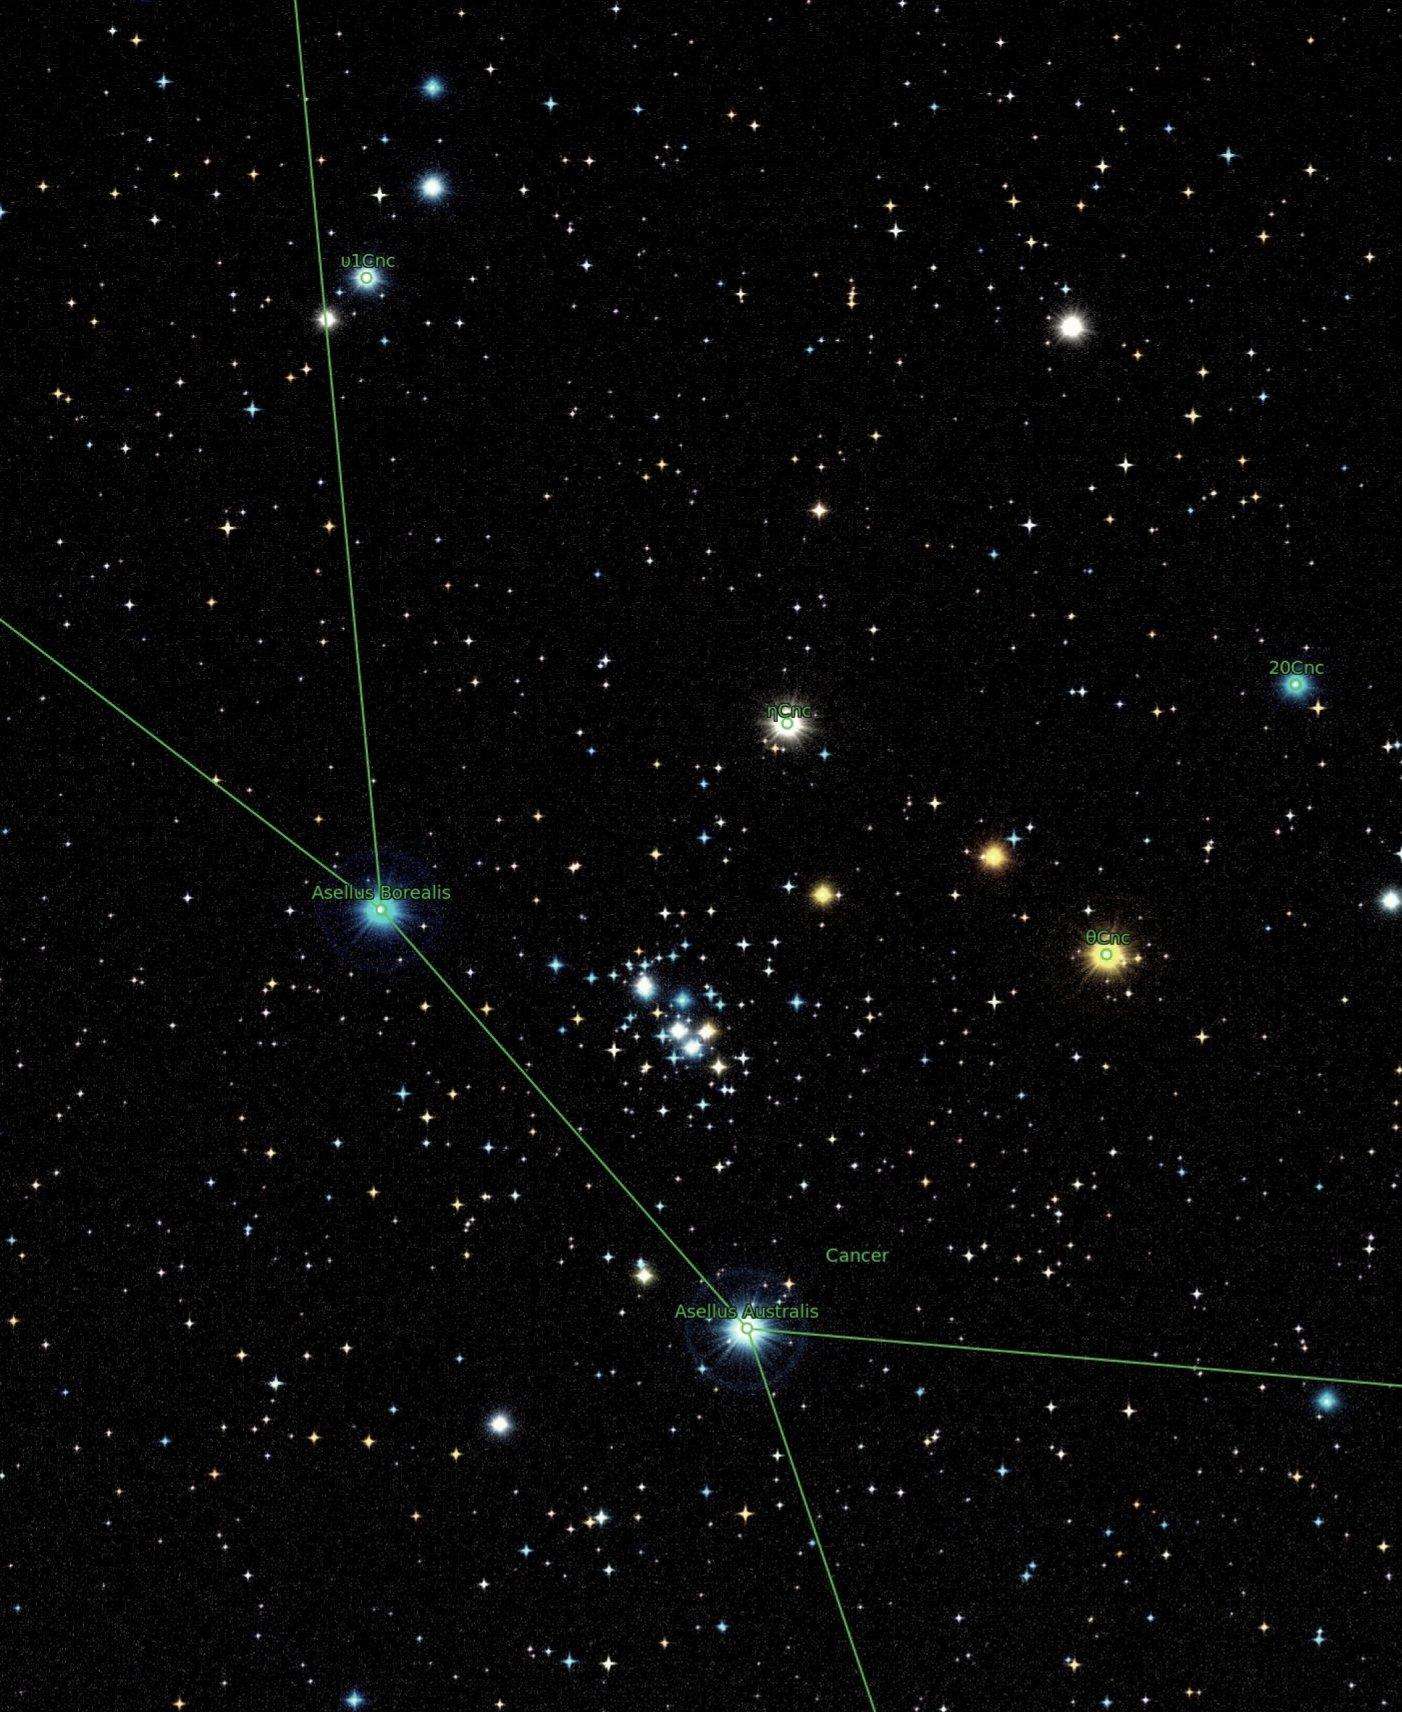 созвездие рака красивые картинки ясный сокол